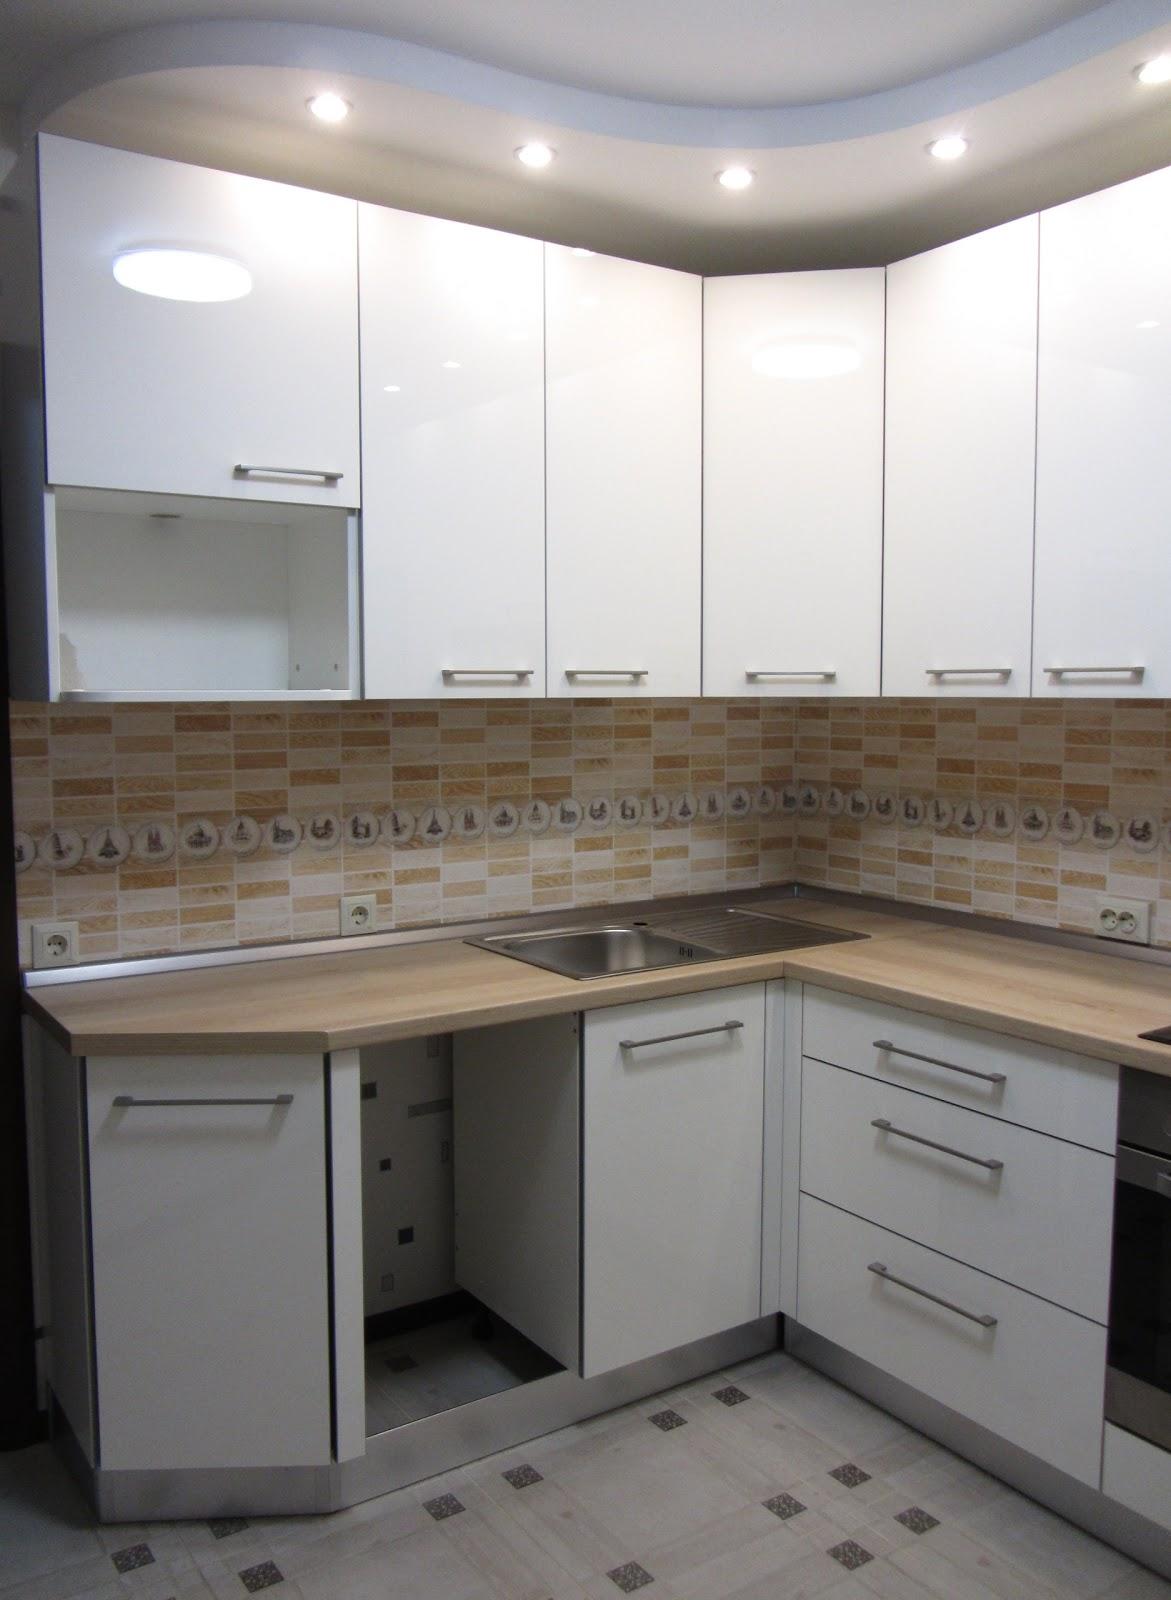 Kухни и корпусная мебель под заказ стильная белая угловая кухня